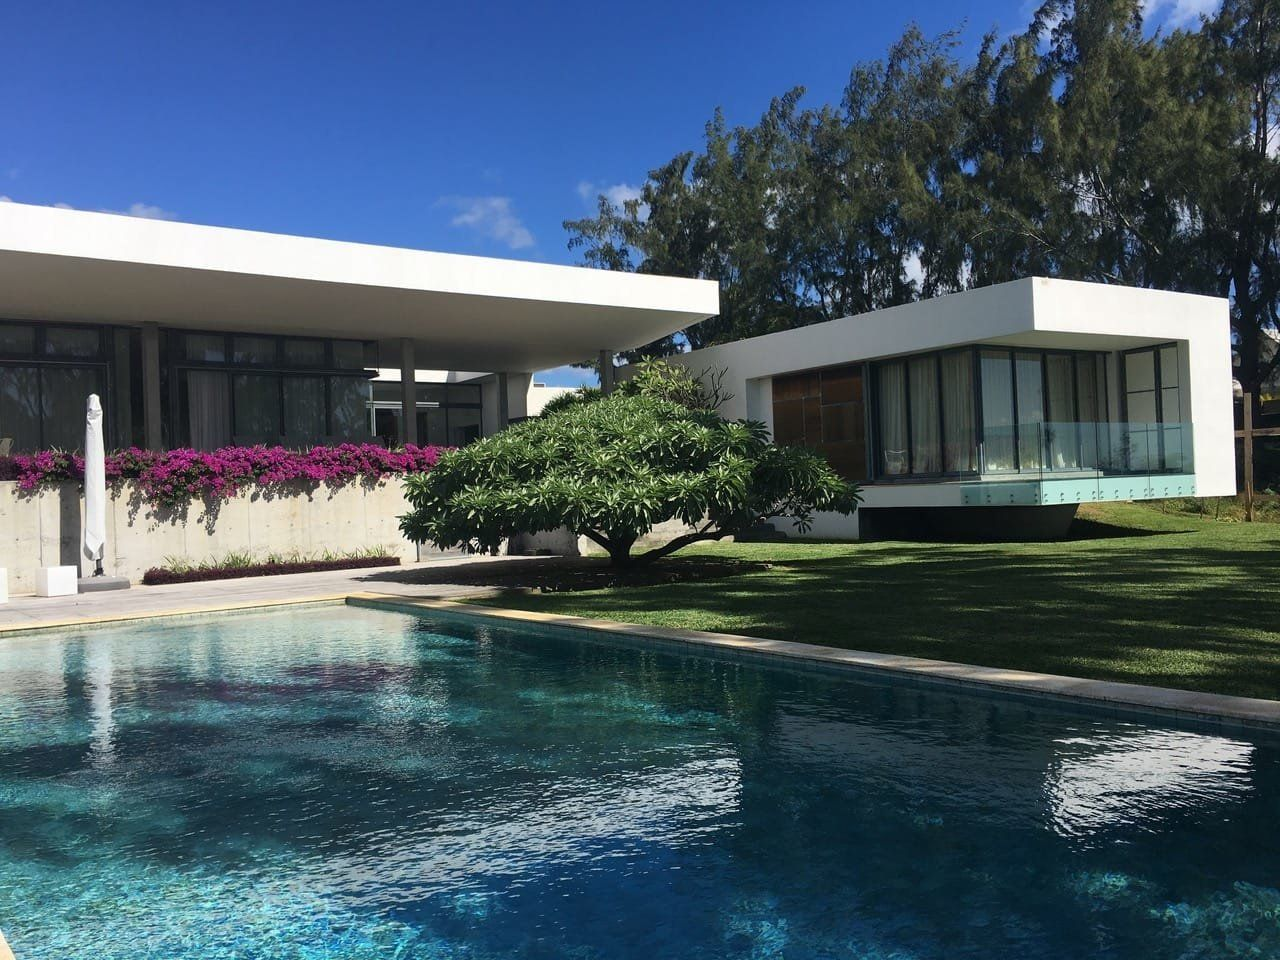 Maison à vendre 5 3657.57m2 à Ile Maurice vignette-12